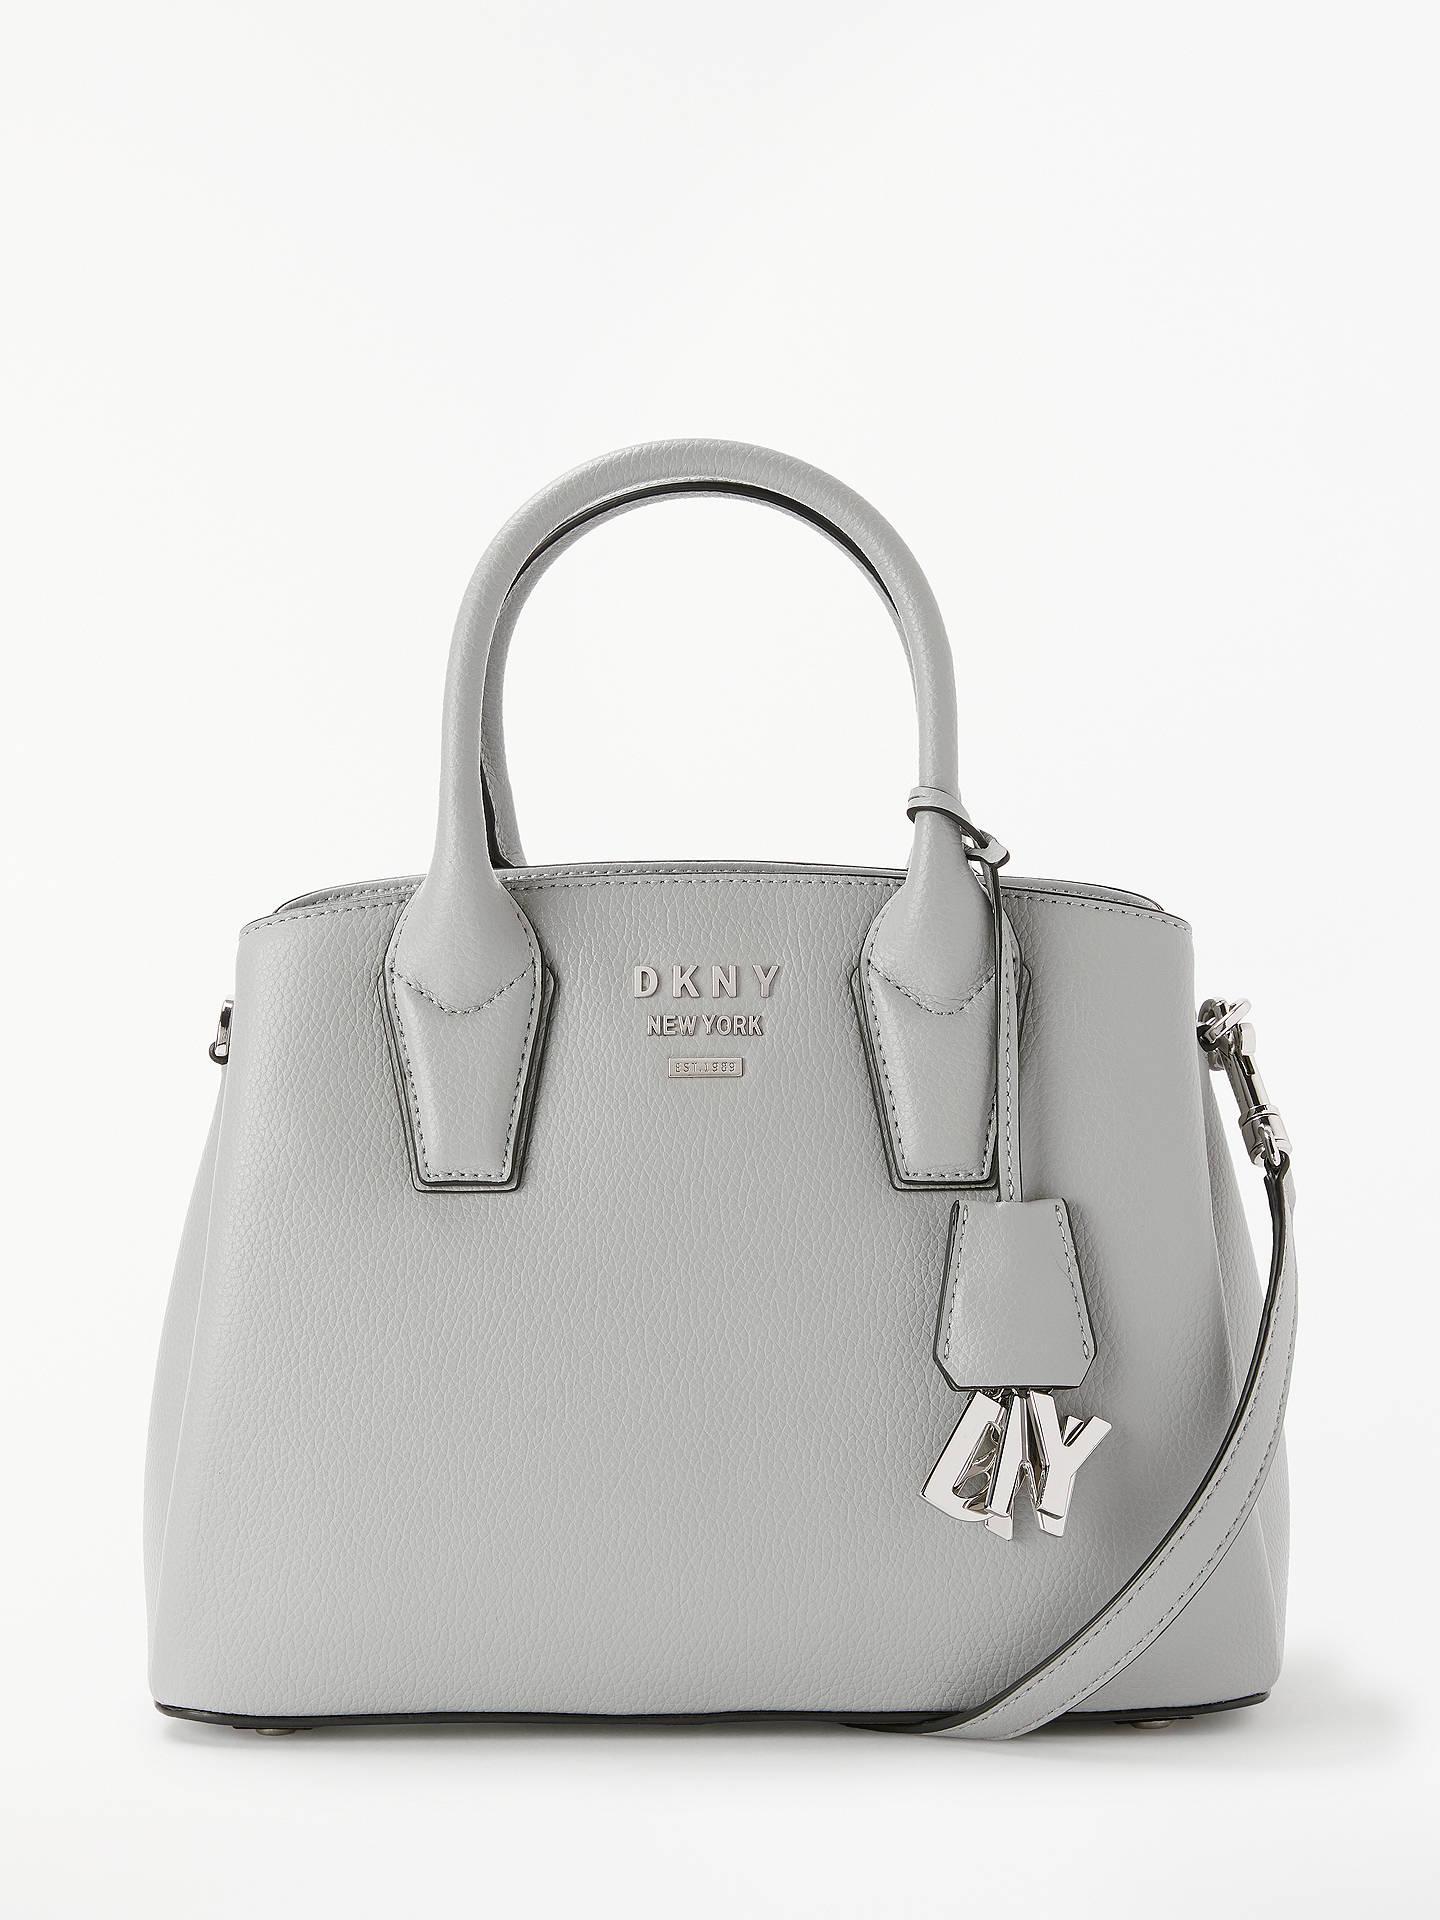 BuyDKNY Hutton Medium Leather Satchel 0244b0620ea20